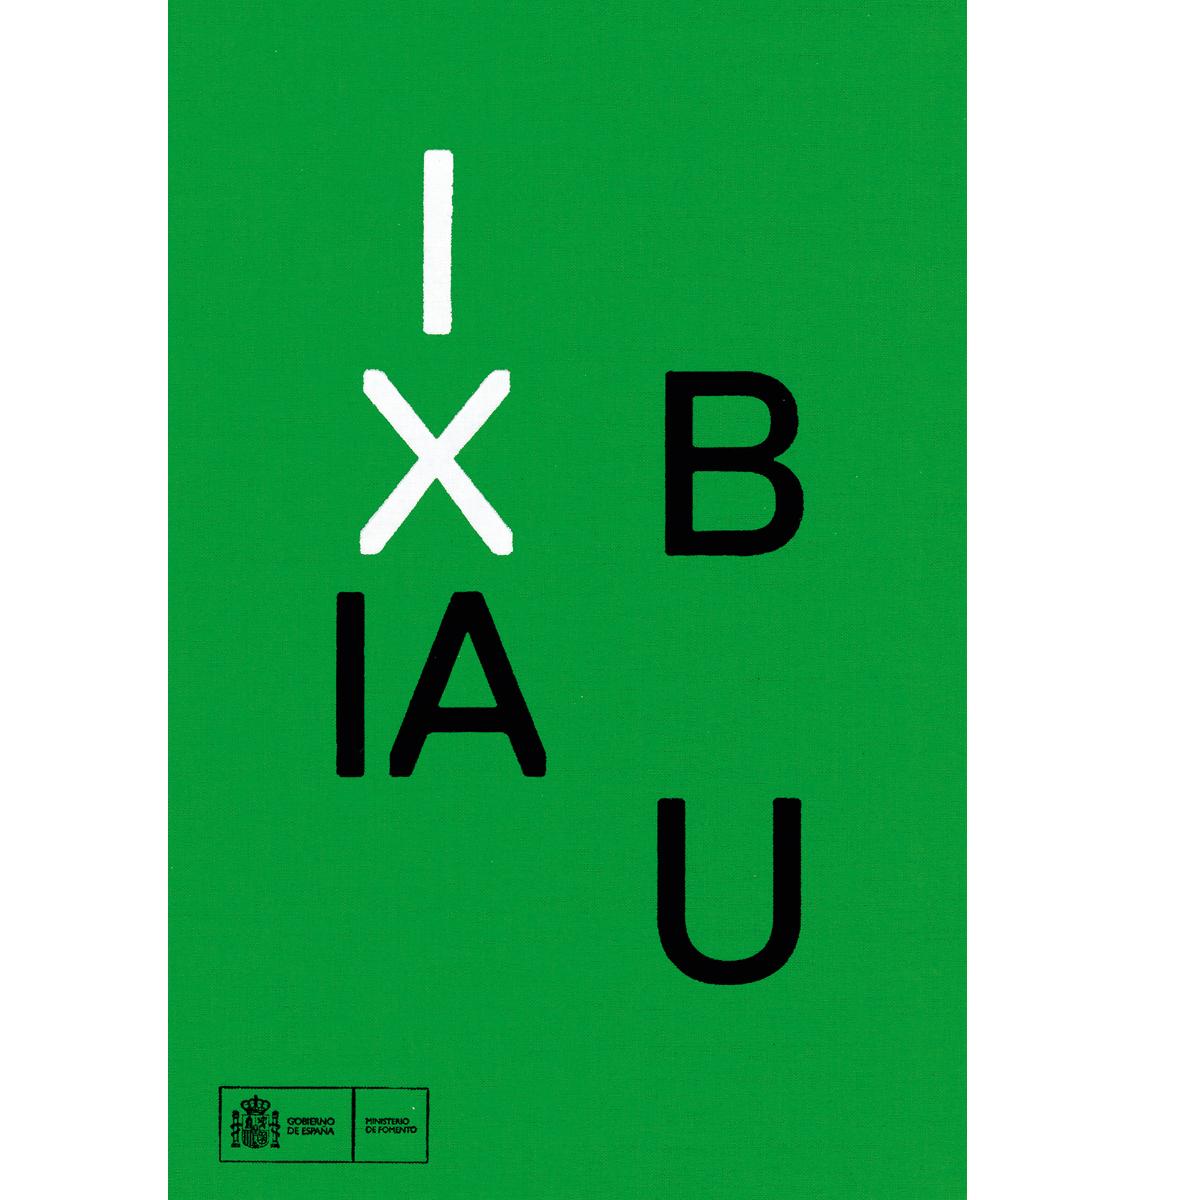 IX BIAU